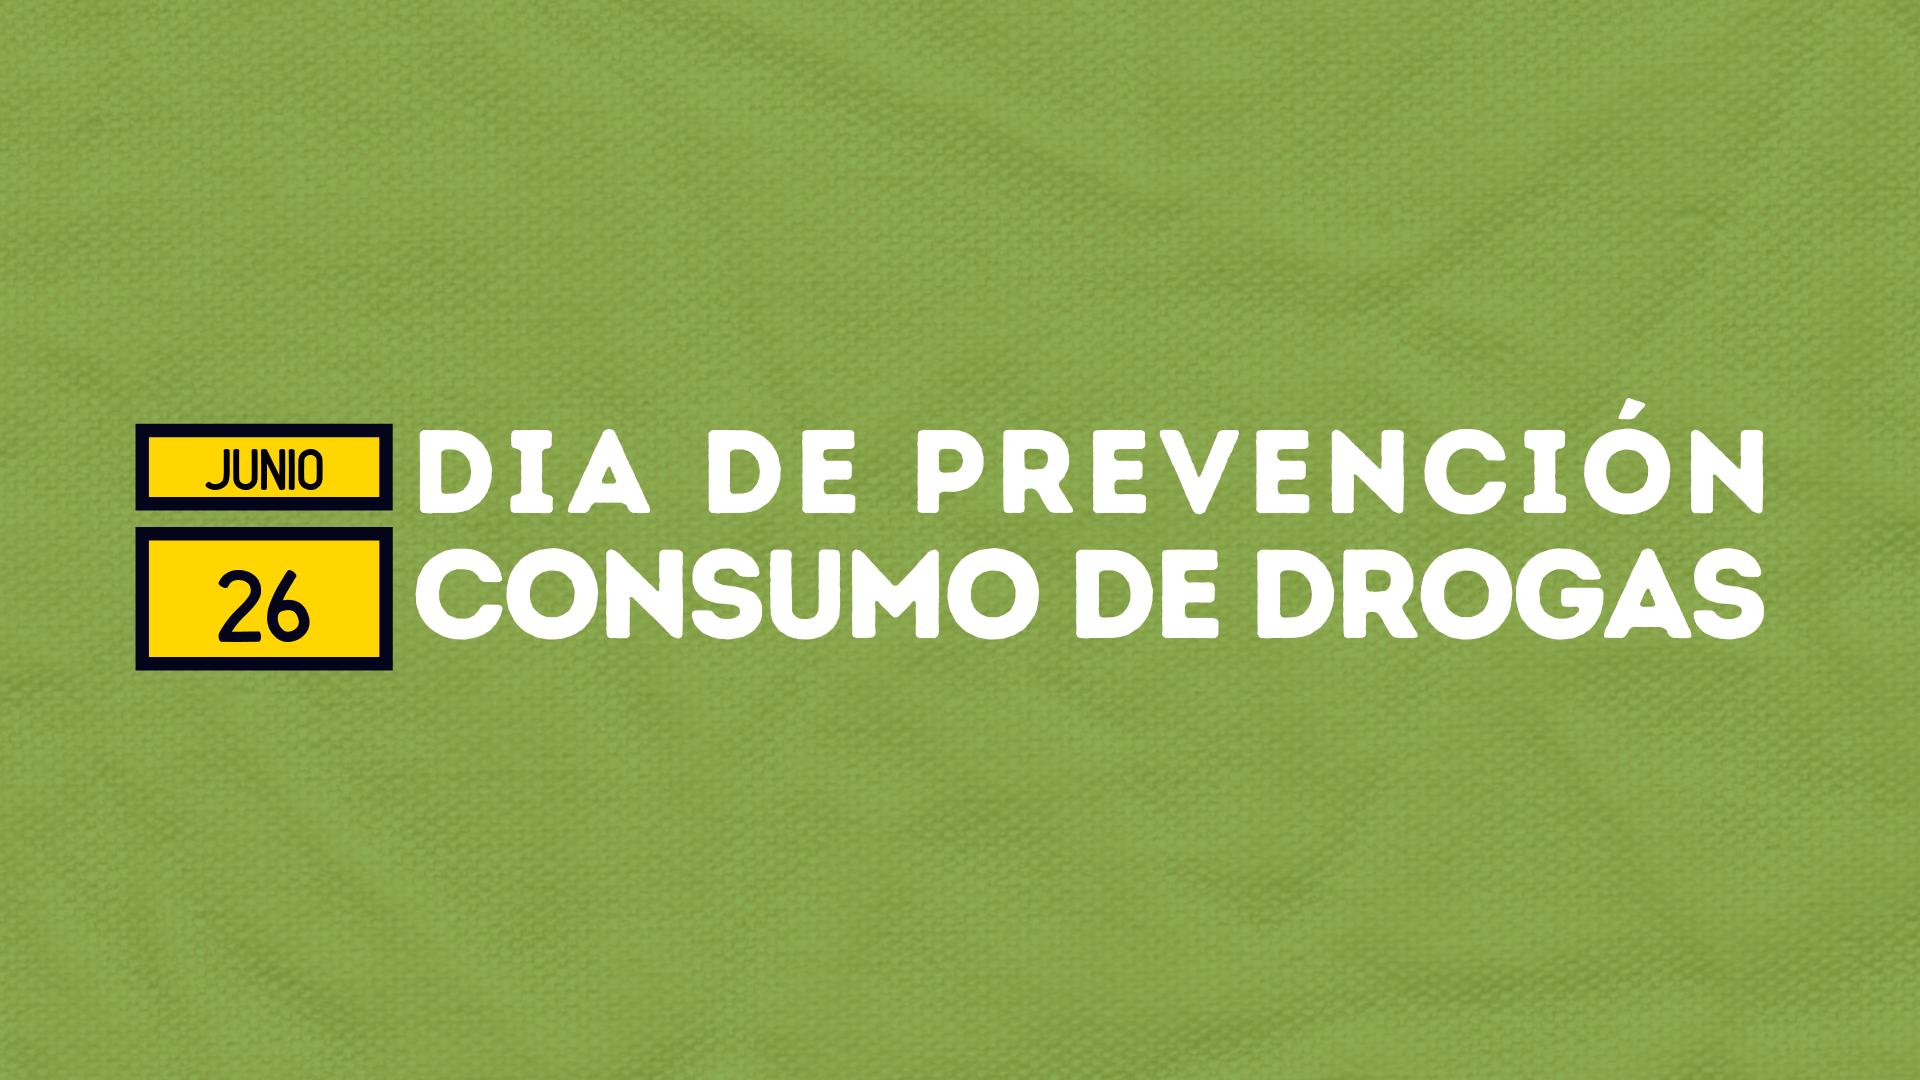 DÍA PREVENCIÓN CONSUMO DE DROGAS